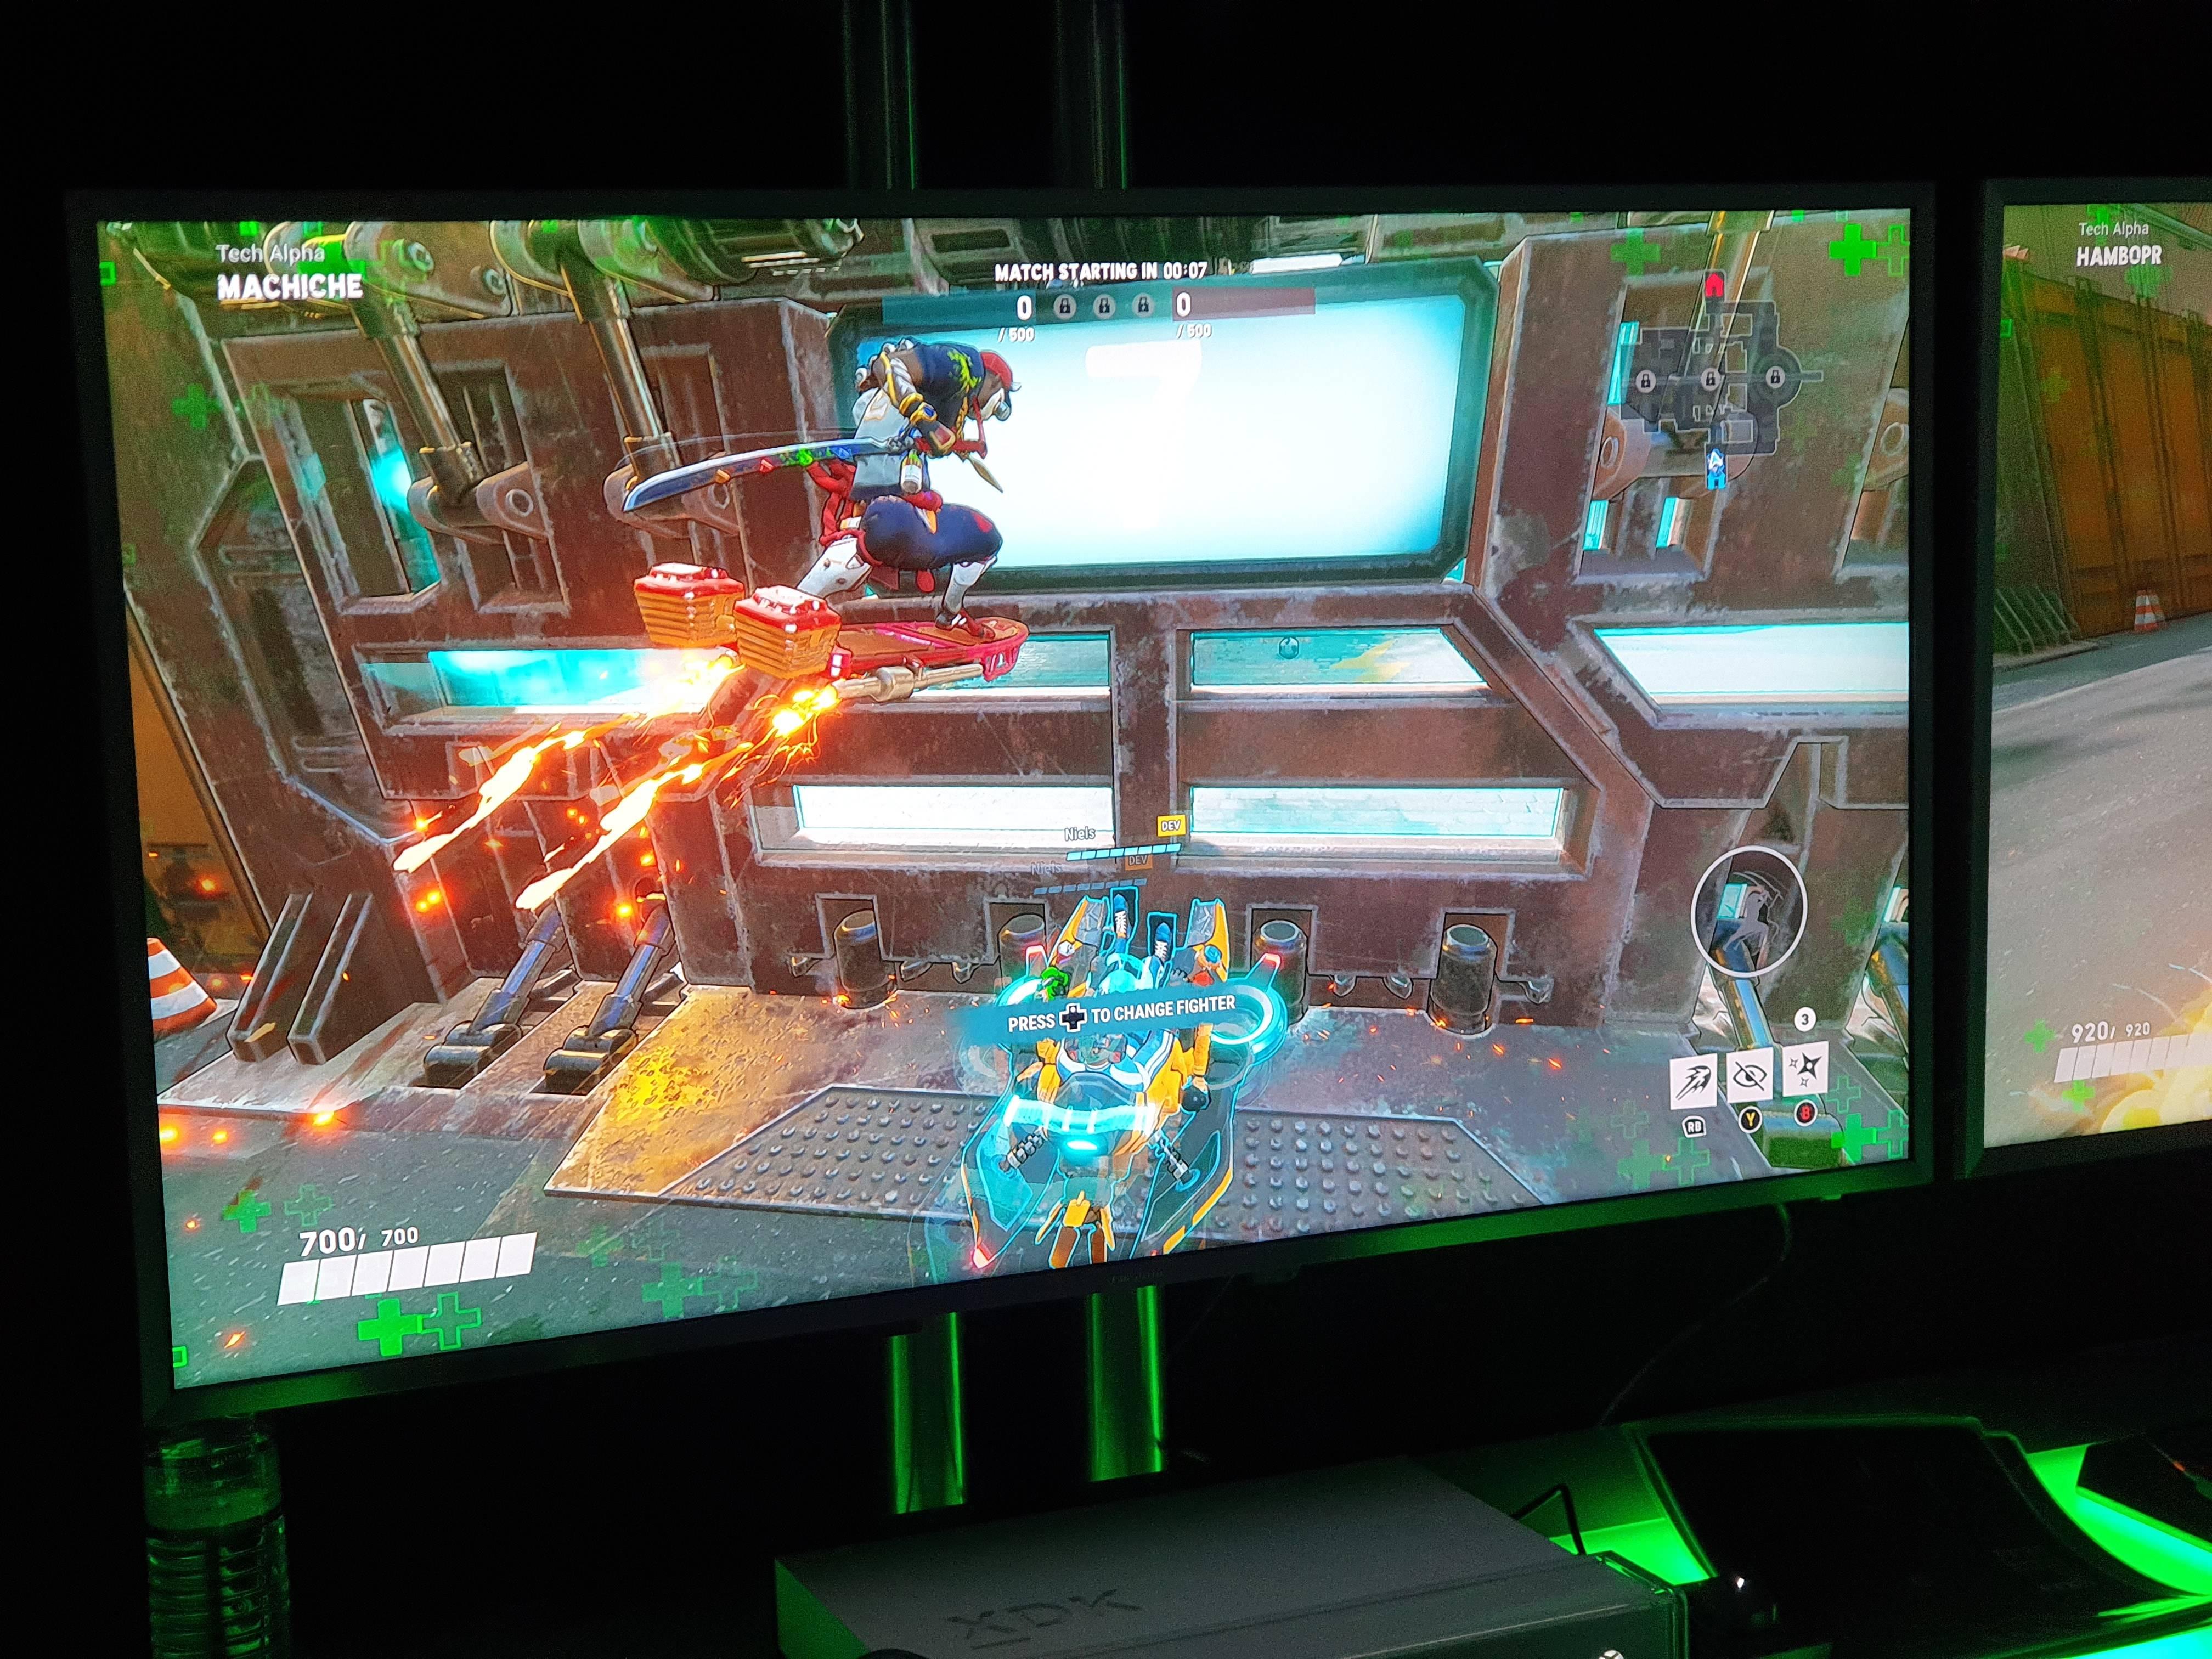 Probamos Bleeding Edge, el nuevo juego de Ninja Theory #E32019